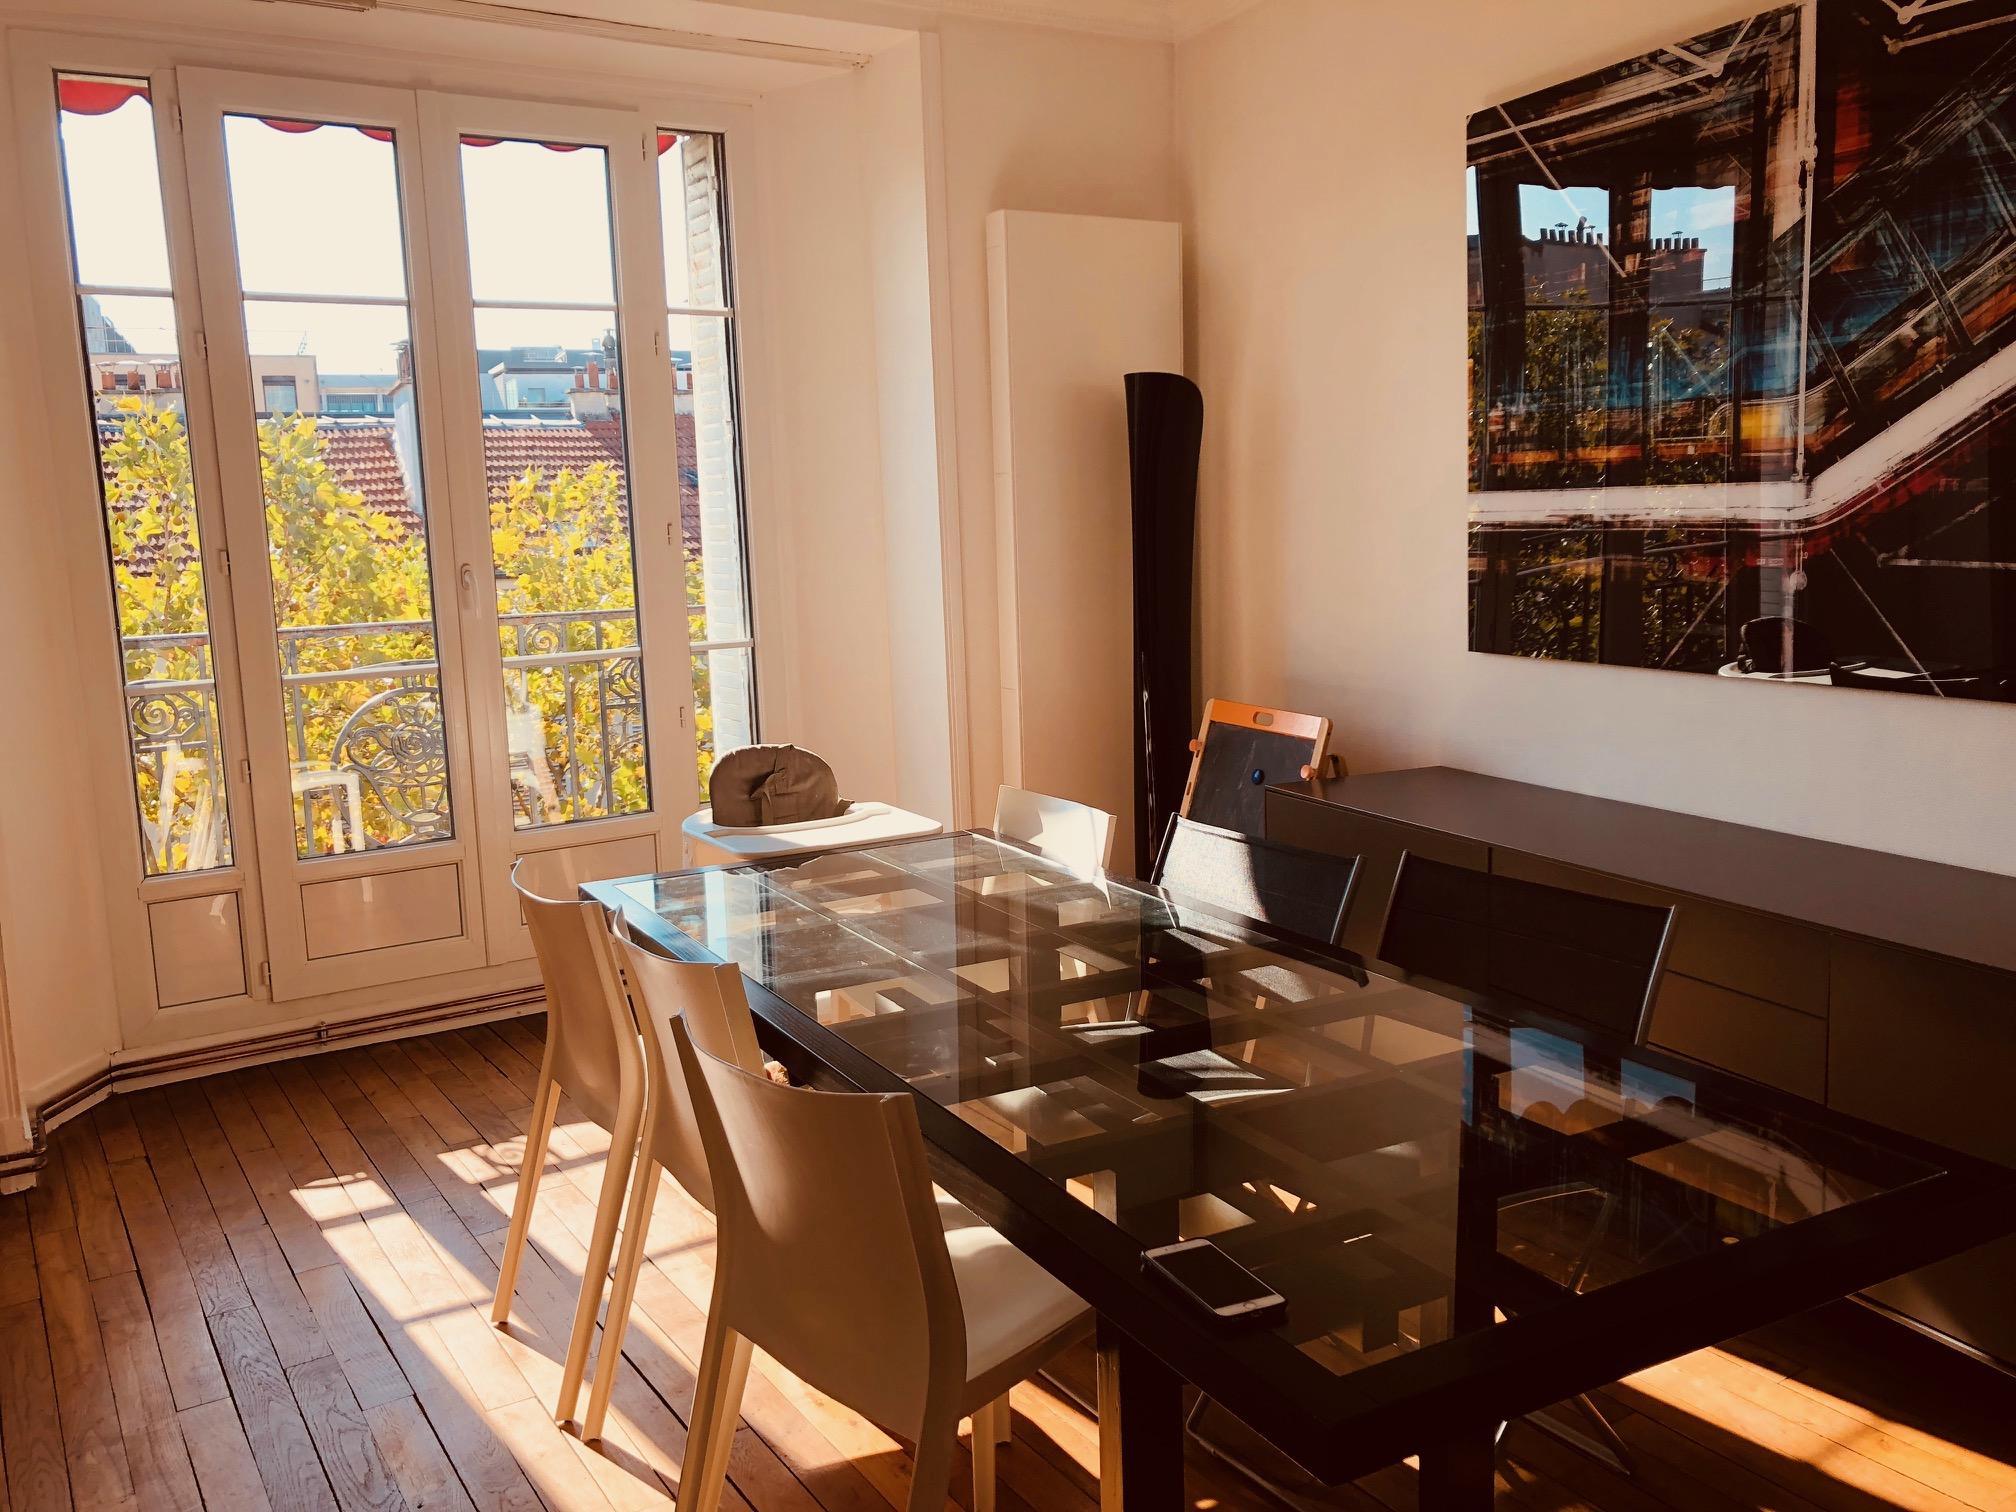 la-clef-des-villes-agence-immobiliere-boulogne-billancourt-photo-salle-a-manger